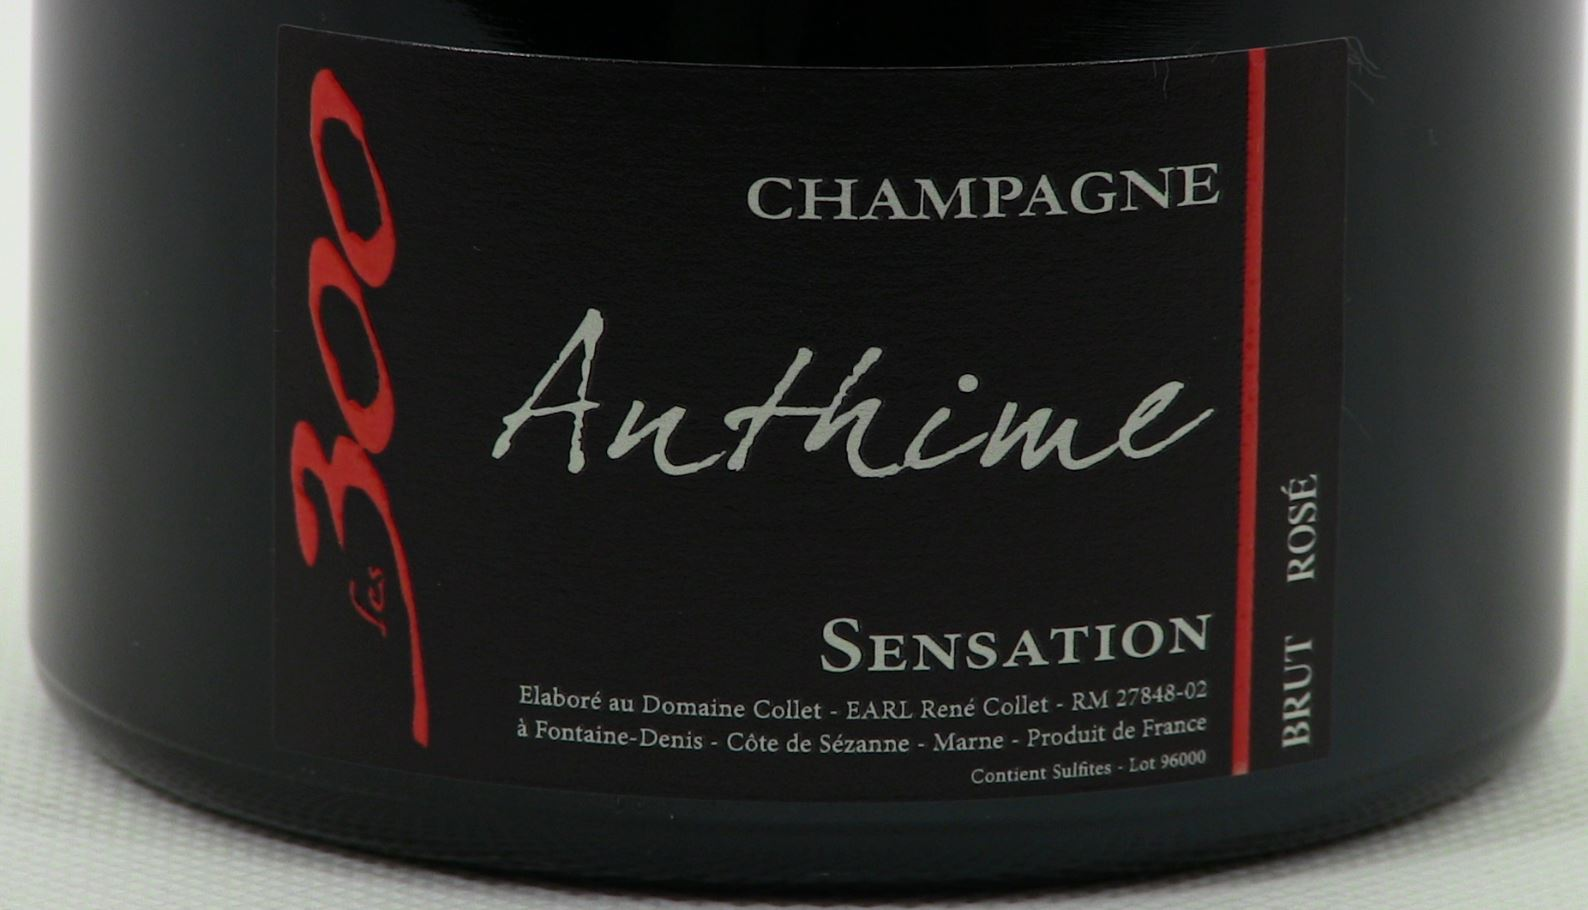 Champagne aoc domaine collet sensation ros brut reflet des bulles - Saignee a domicile ...